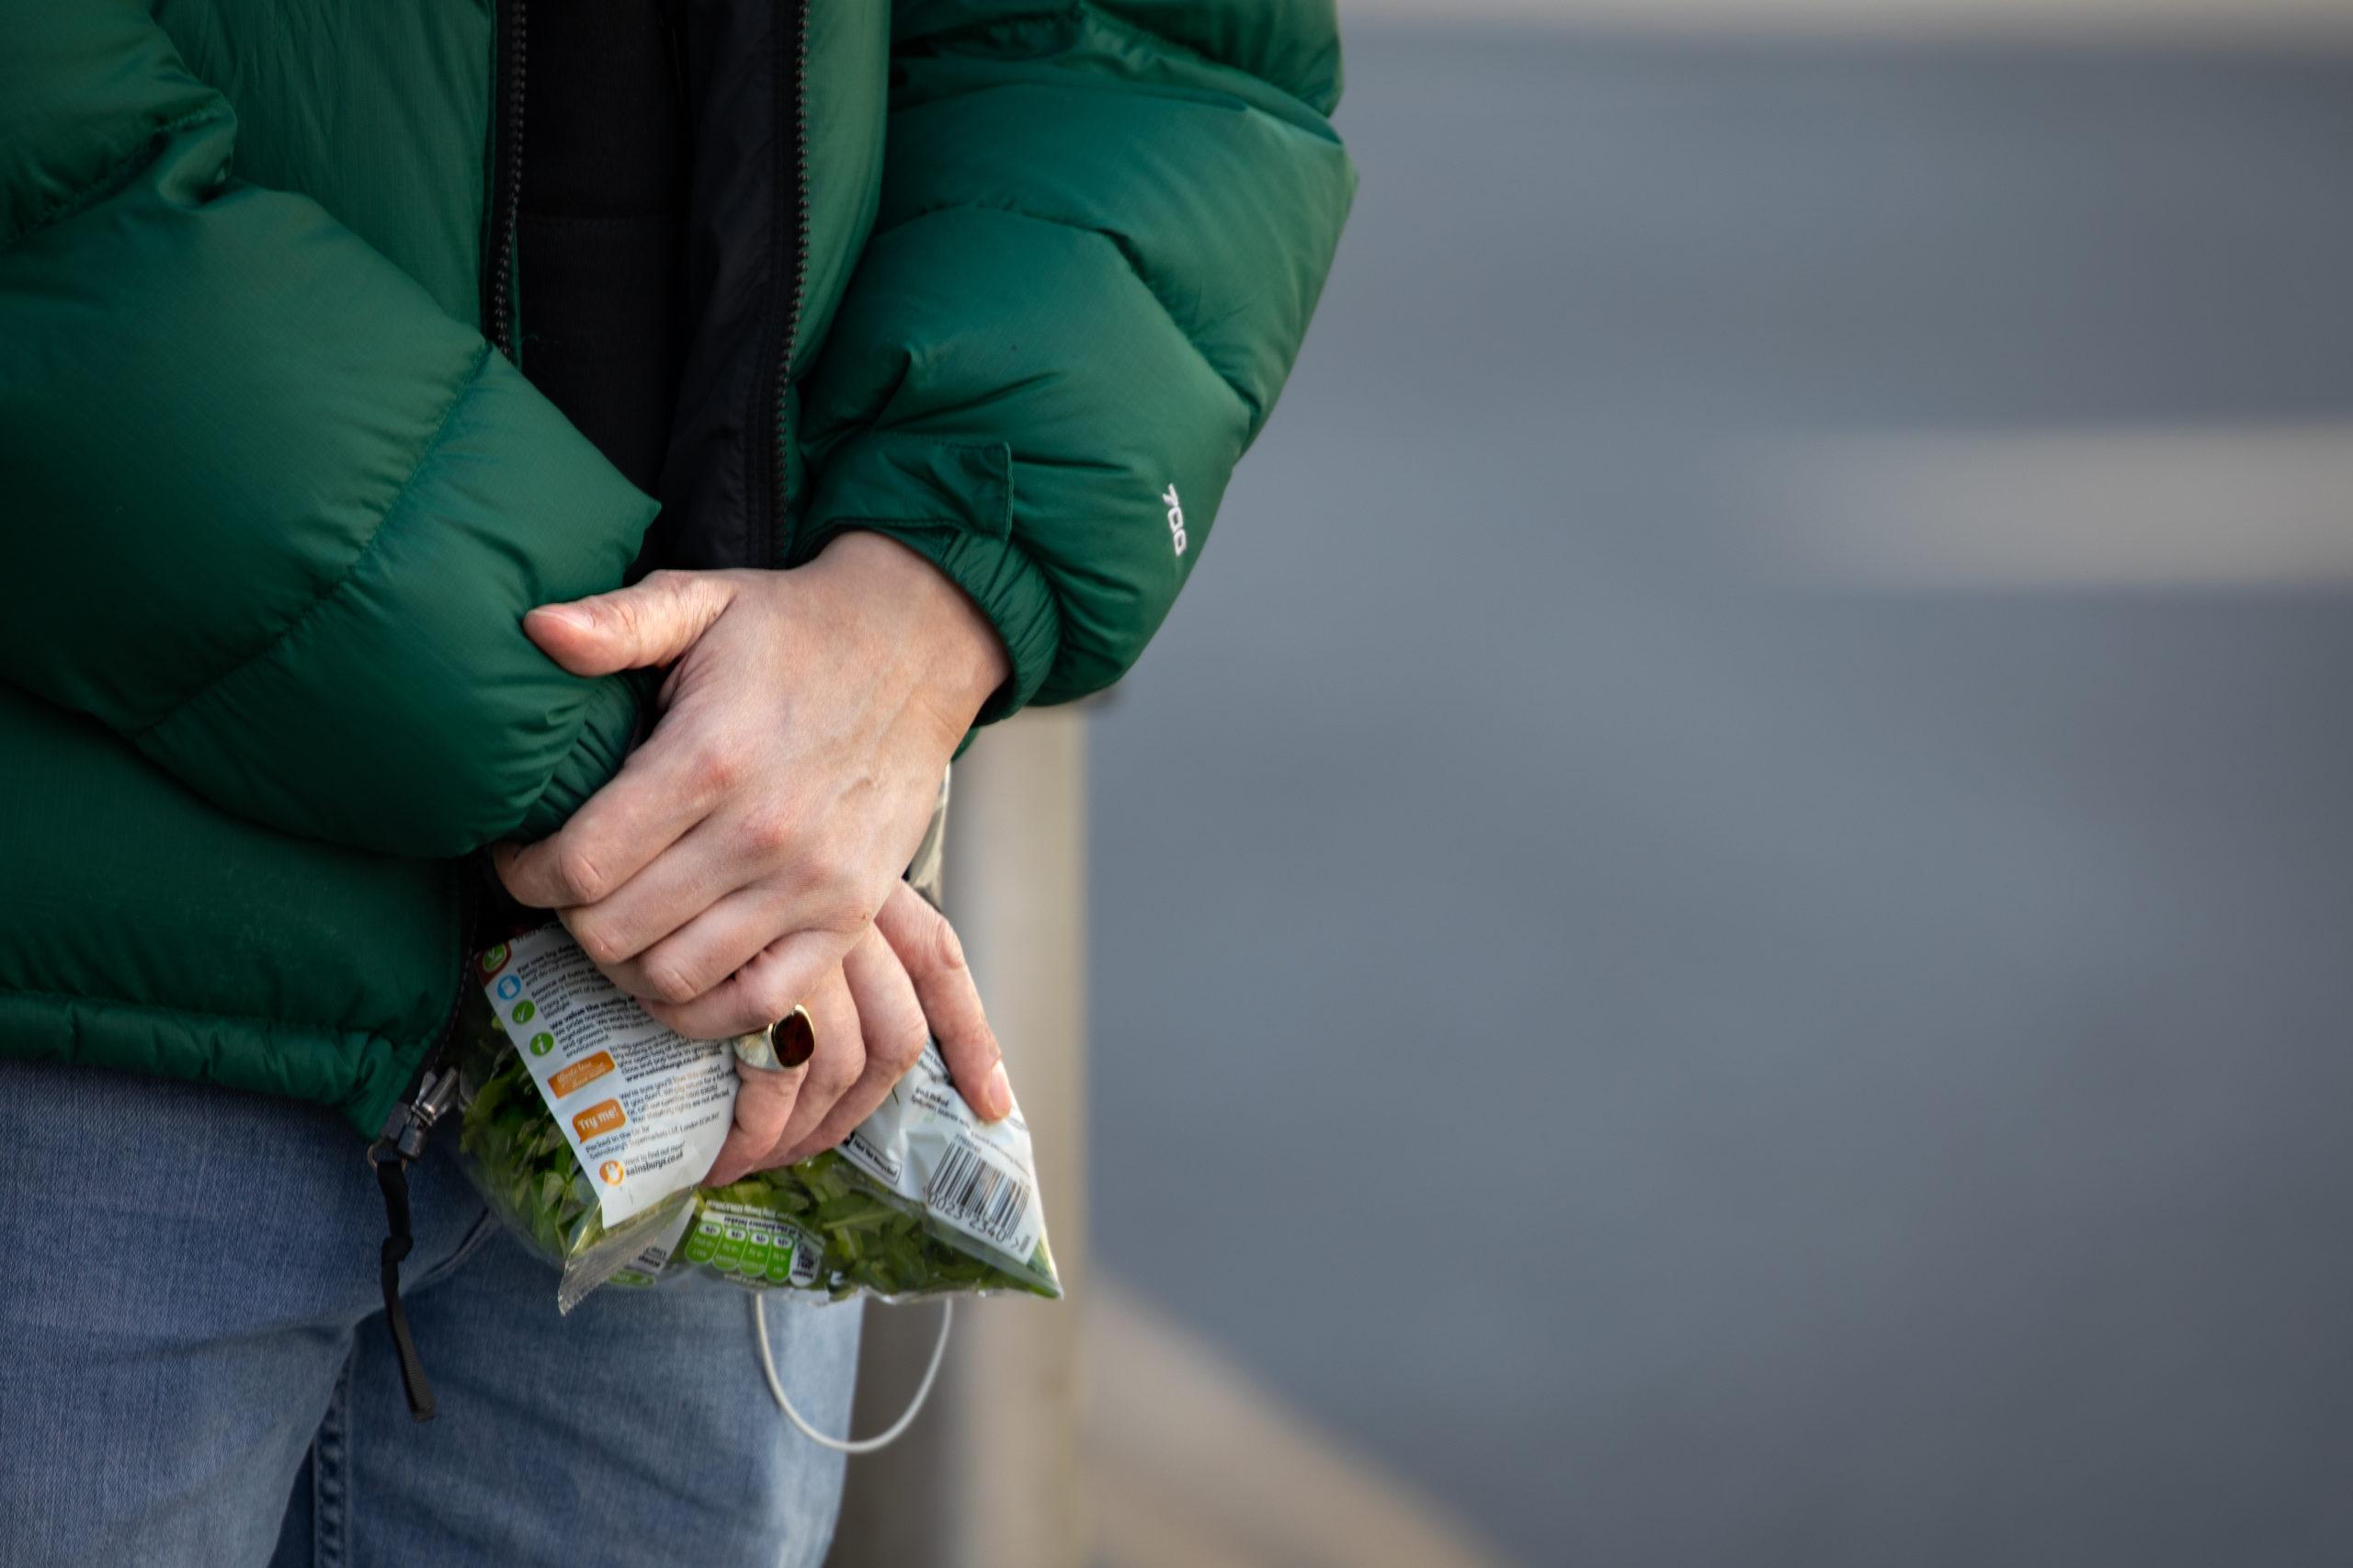 Con la escasez de verduras por varias semanas, consumidores valoran lo que encuentren